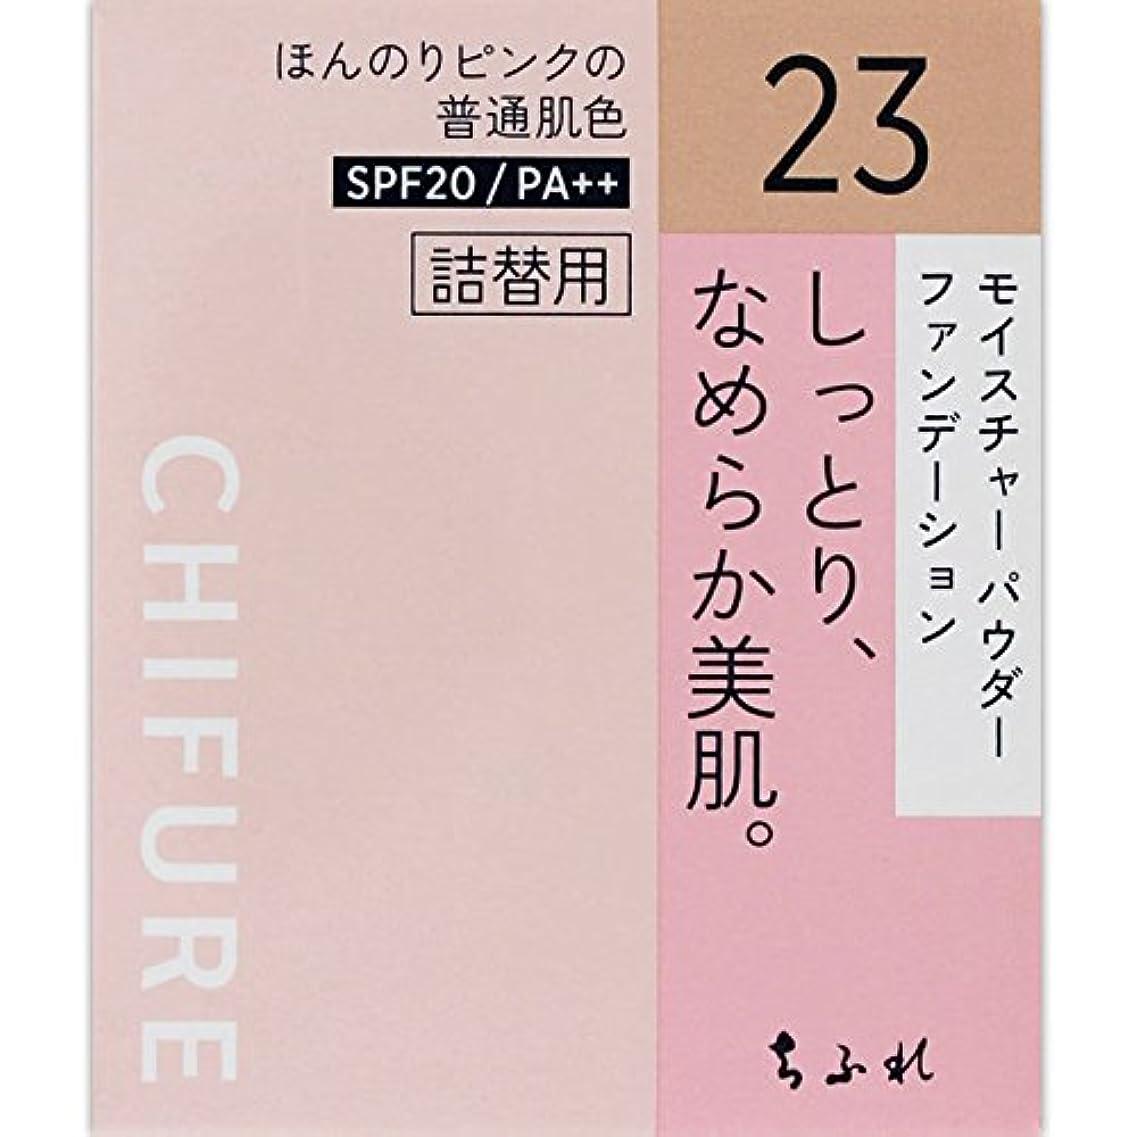 ワイプガイドラインはちみつちふれ化粧品 モイスチャー パウダーファンデーション 詰替用 ピンクオークル系 MパウダーFD詰替用23